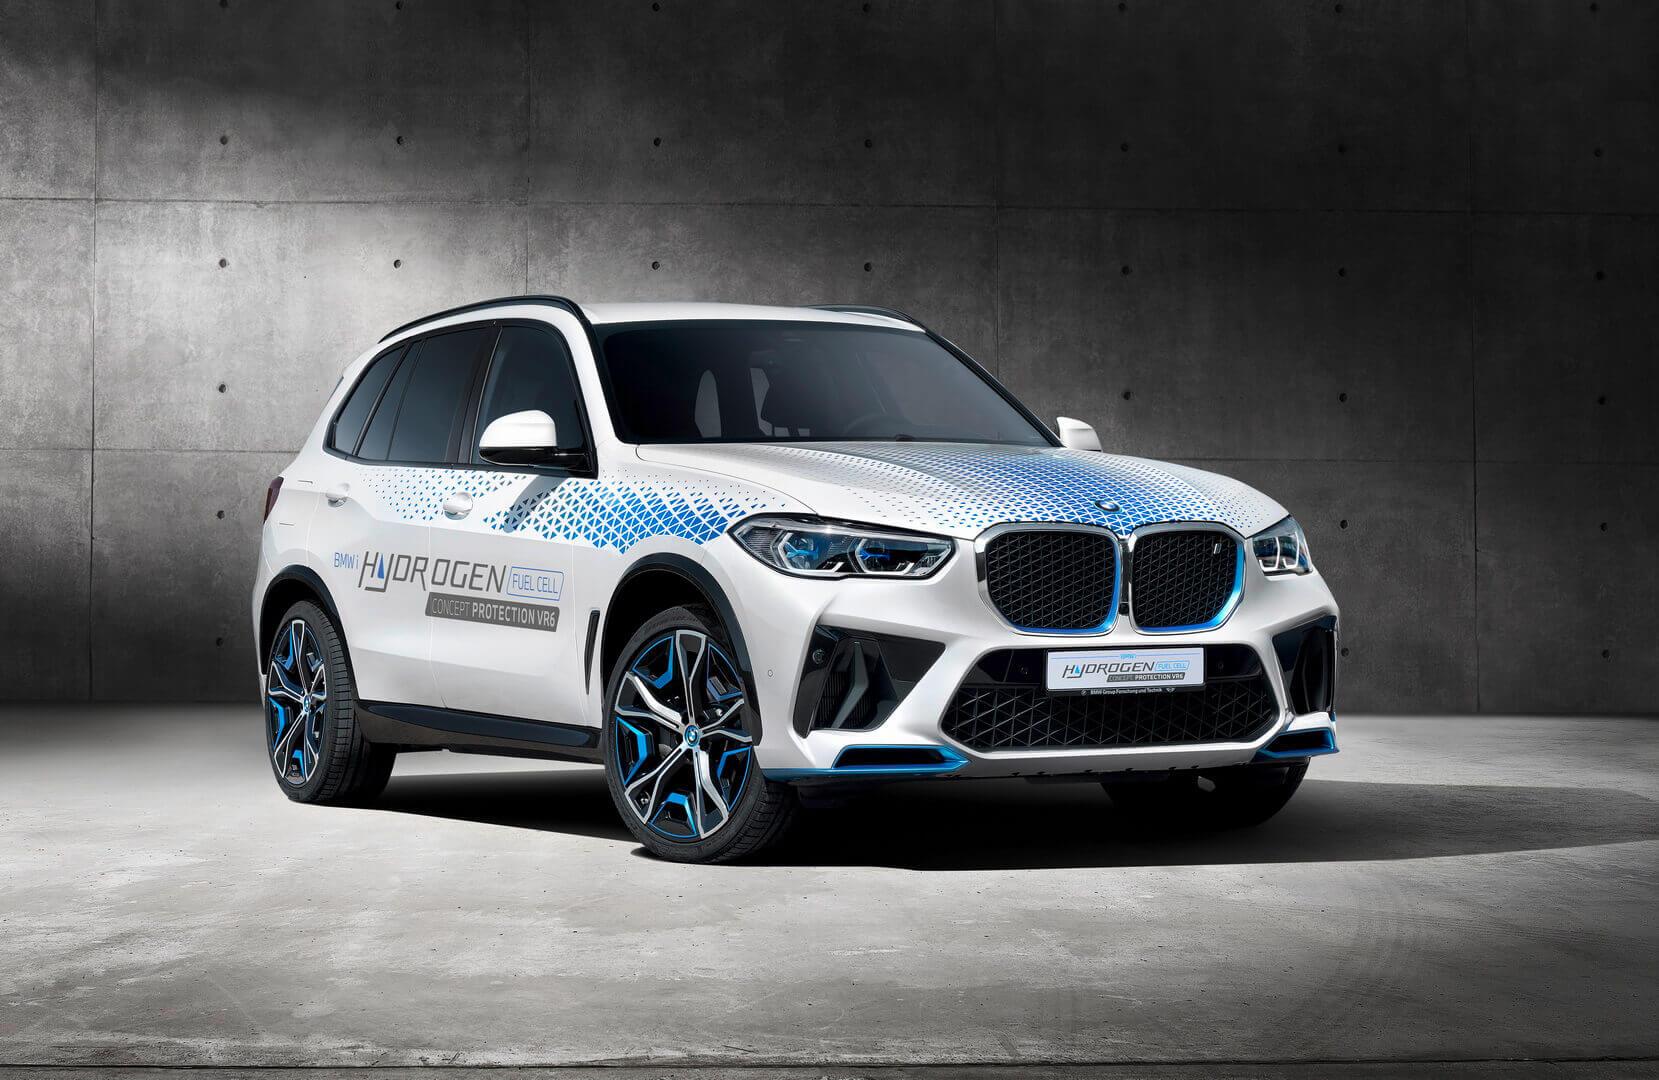 BMW Concept iX5 Hydrogen Protection VR6: первый в мире сертифицированный автомобиль безопасности с трансмиссией на водородных топливных элементах